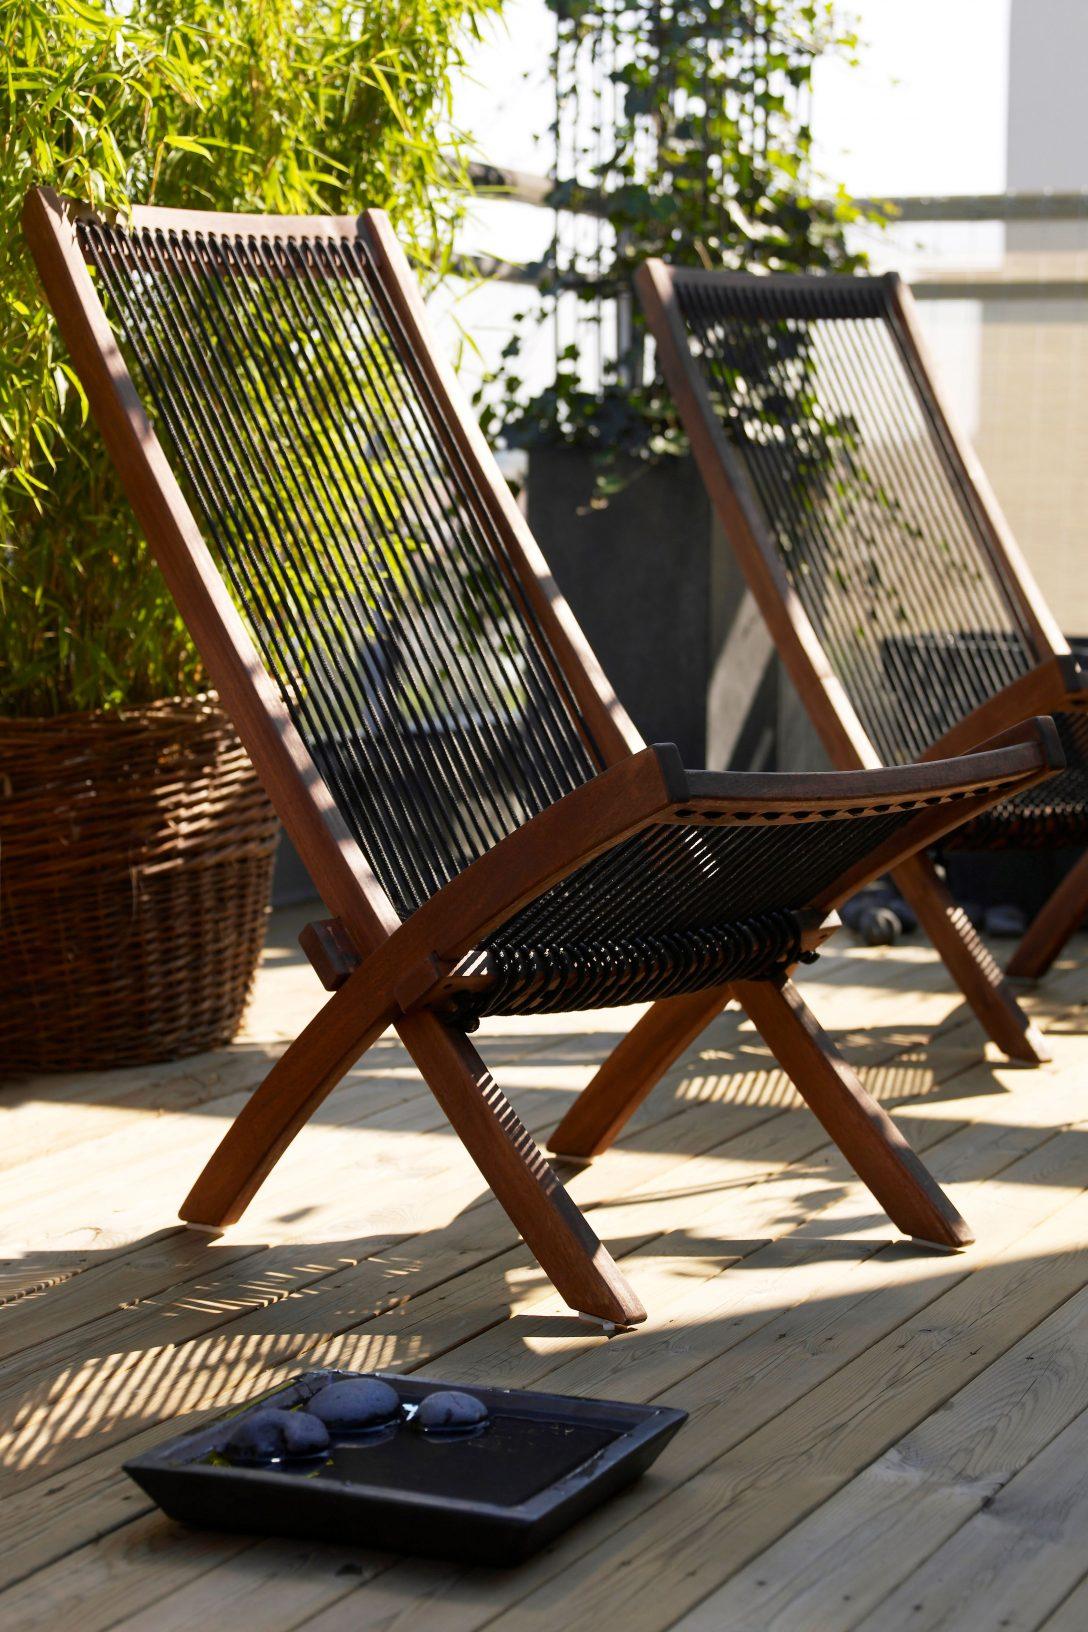 Large Size of Bromm Ruhesessel Auen Braun Las Schwarz Garten Liegestuhl Ikea Sofa Mit Schlaffunktion Betten Bei 160x200 Küche Kaufen Miniküche Kosten Modulküche Wohnzimmer Ikea Liegestuhl